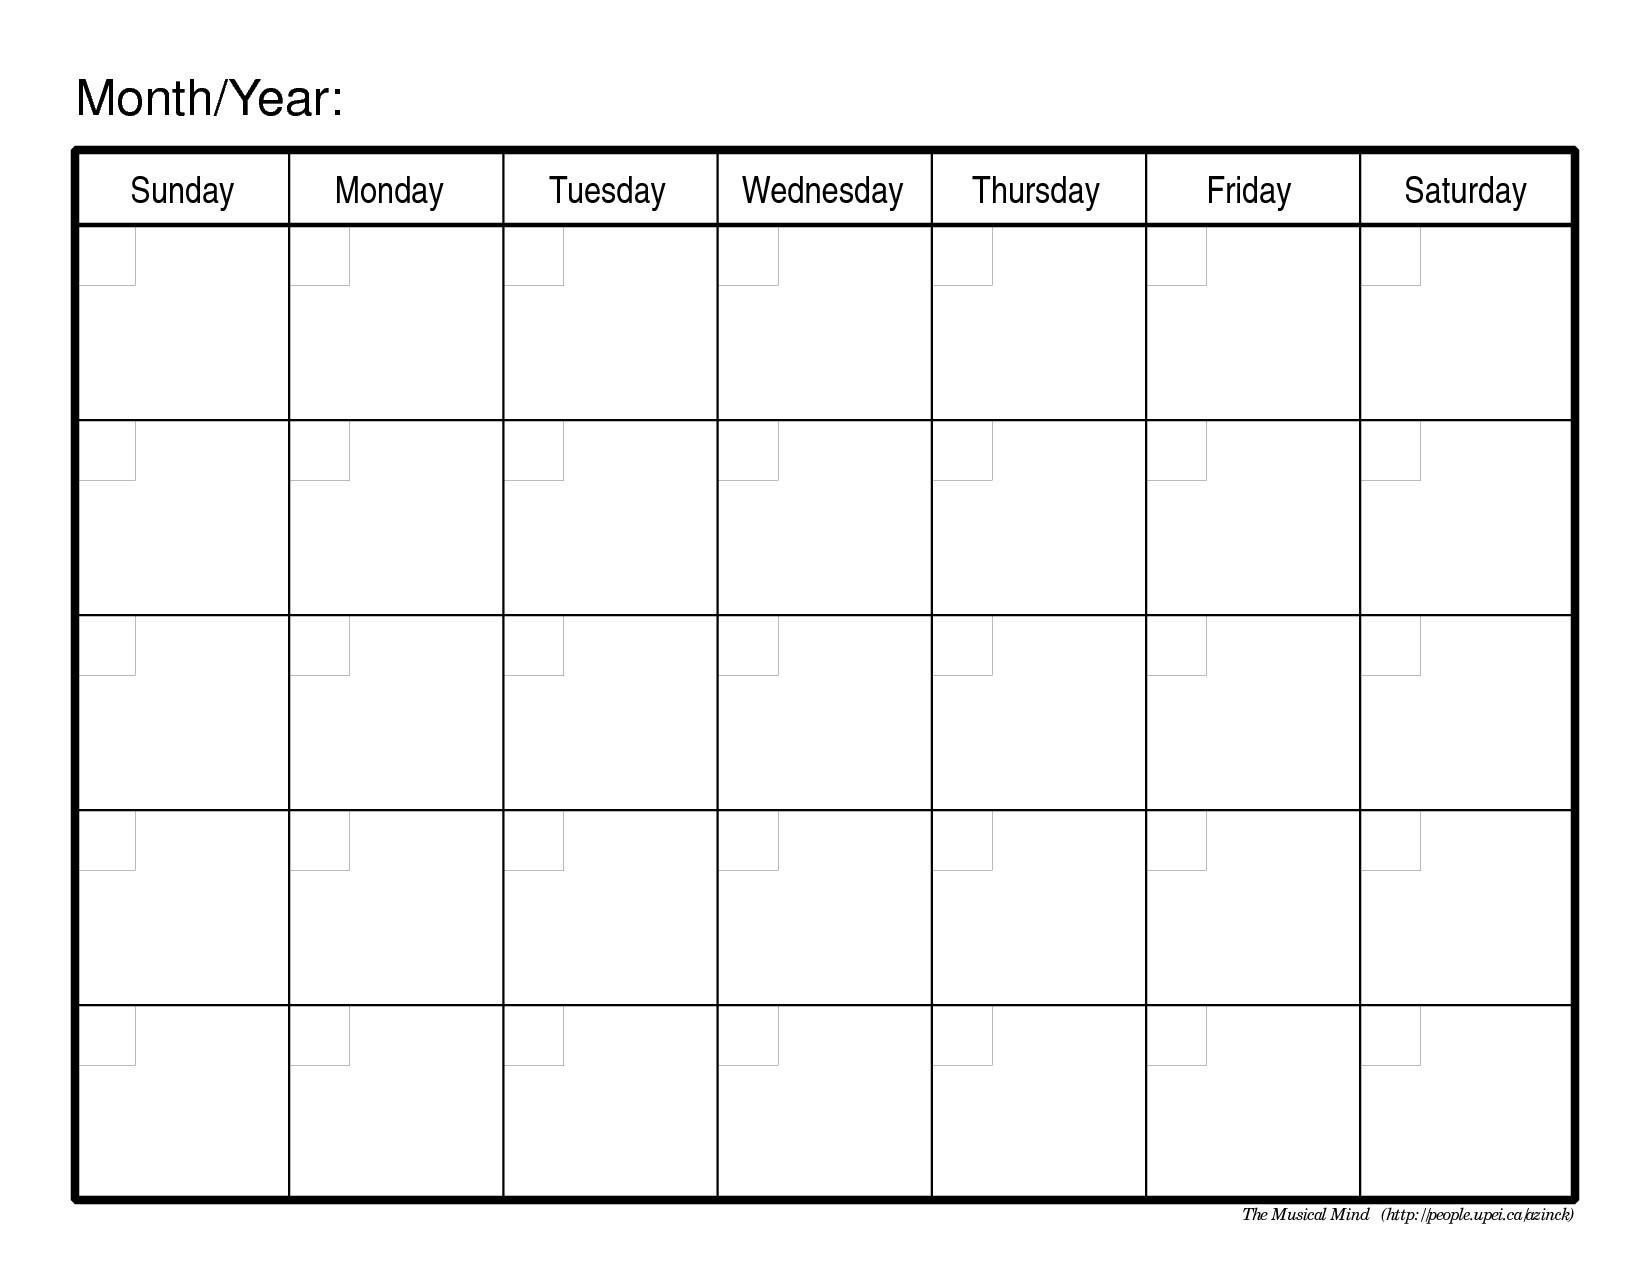 Calendario 2017 Para Imprimir Com Feriados Por Mes Recientes Informaci³n Make A 2019 Calendar In Excel Of Calendario 2017 Para Imprimir Com Feriados Por Mes Mejores Y Más Novedosos Investigar Calendarios Para Imprimir Baratos